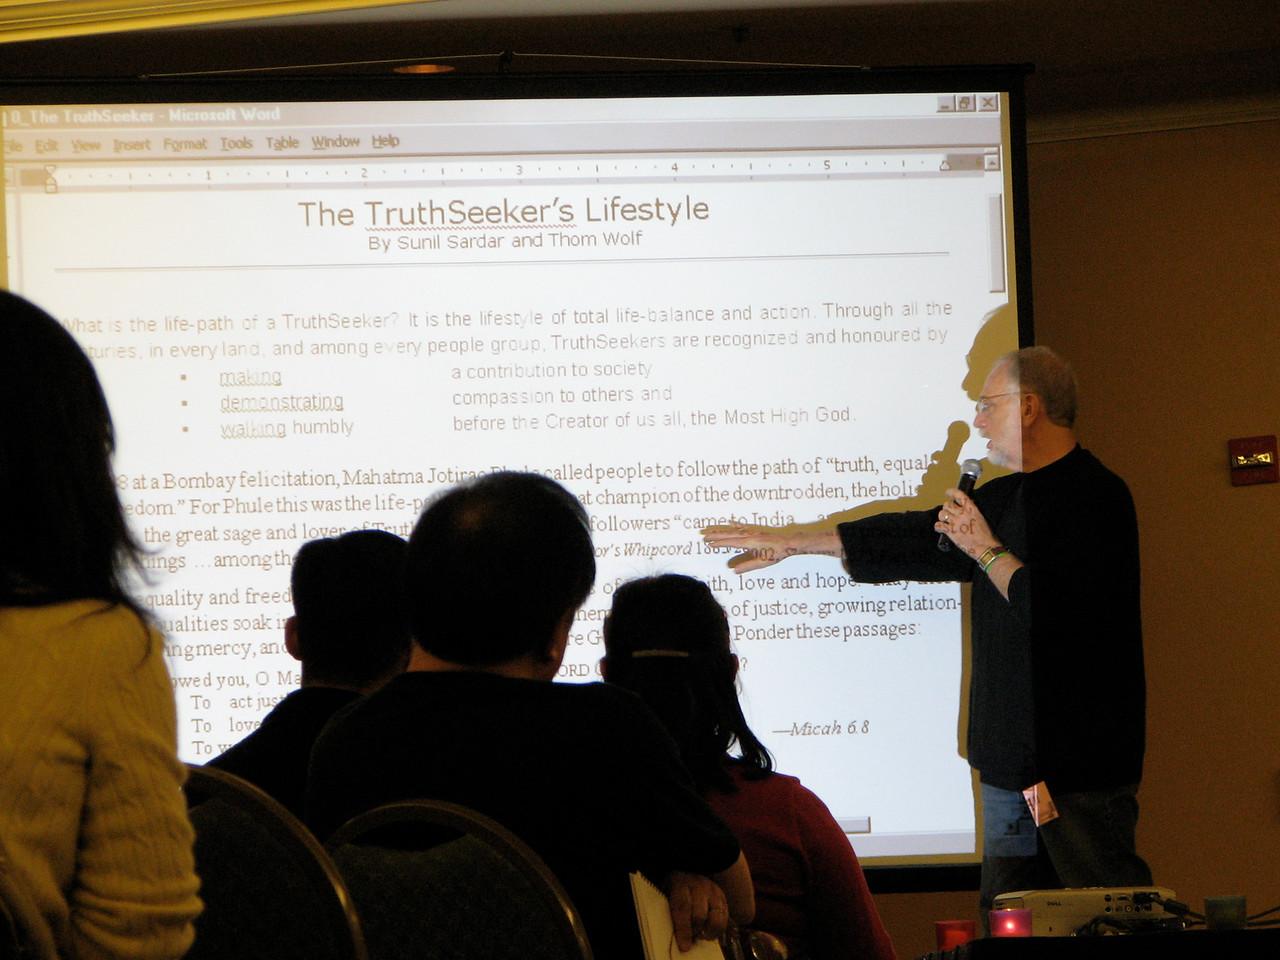 2007 02 17 Sat - Dr  Thom Wolf speaking 3